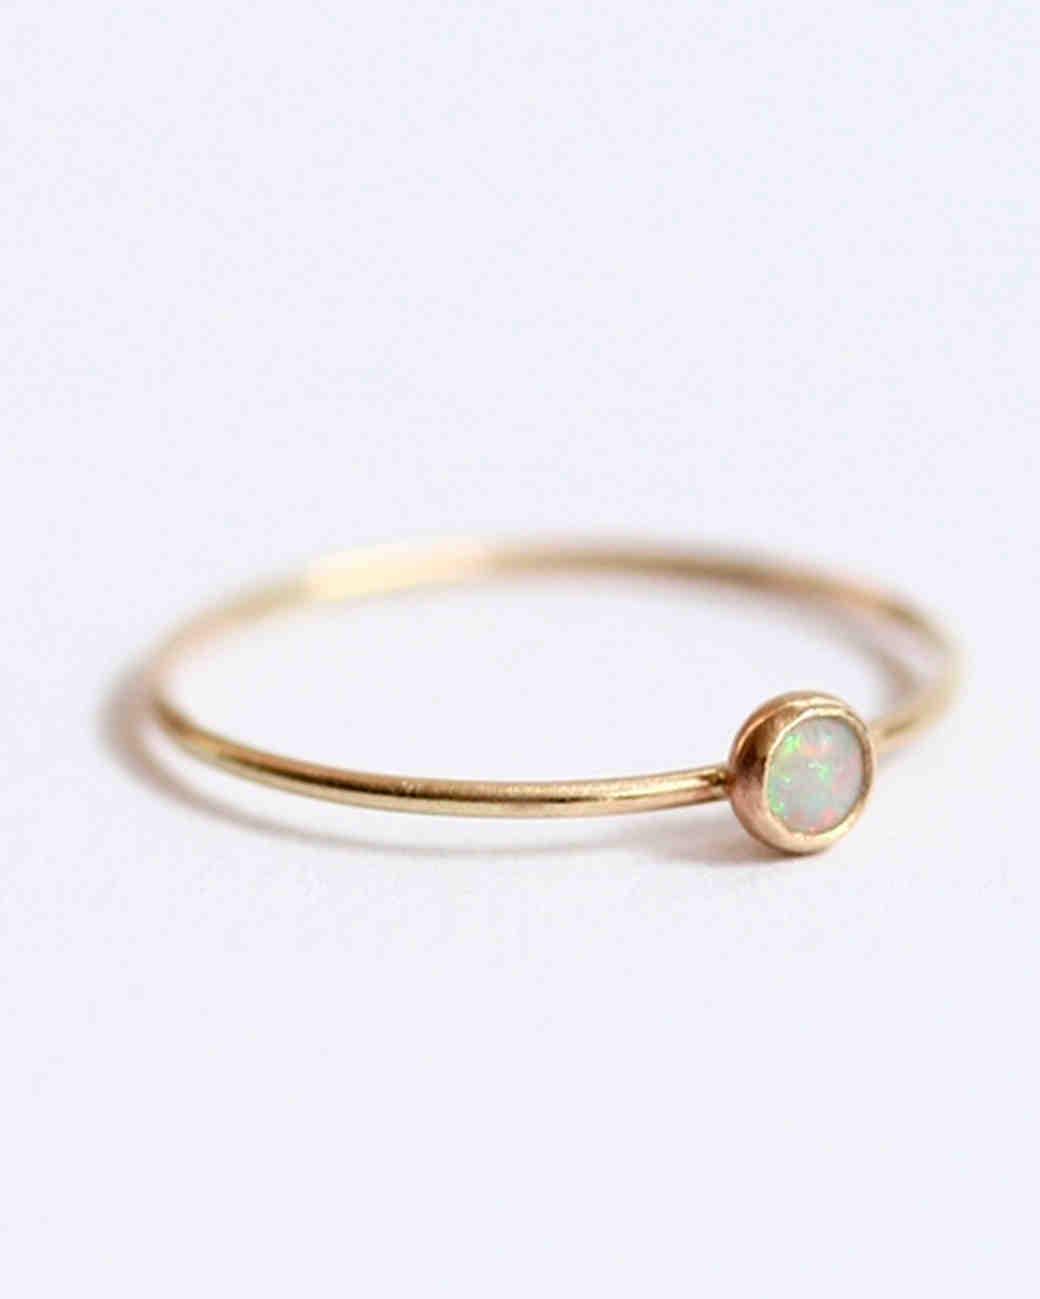 opal-ring-rebecca-mir-grady-0115.jpg